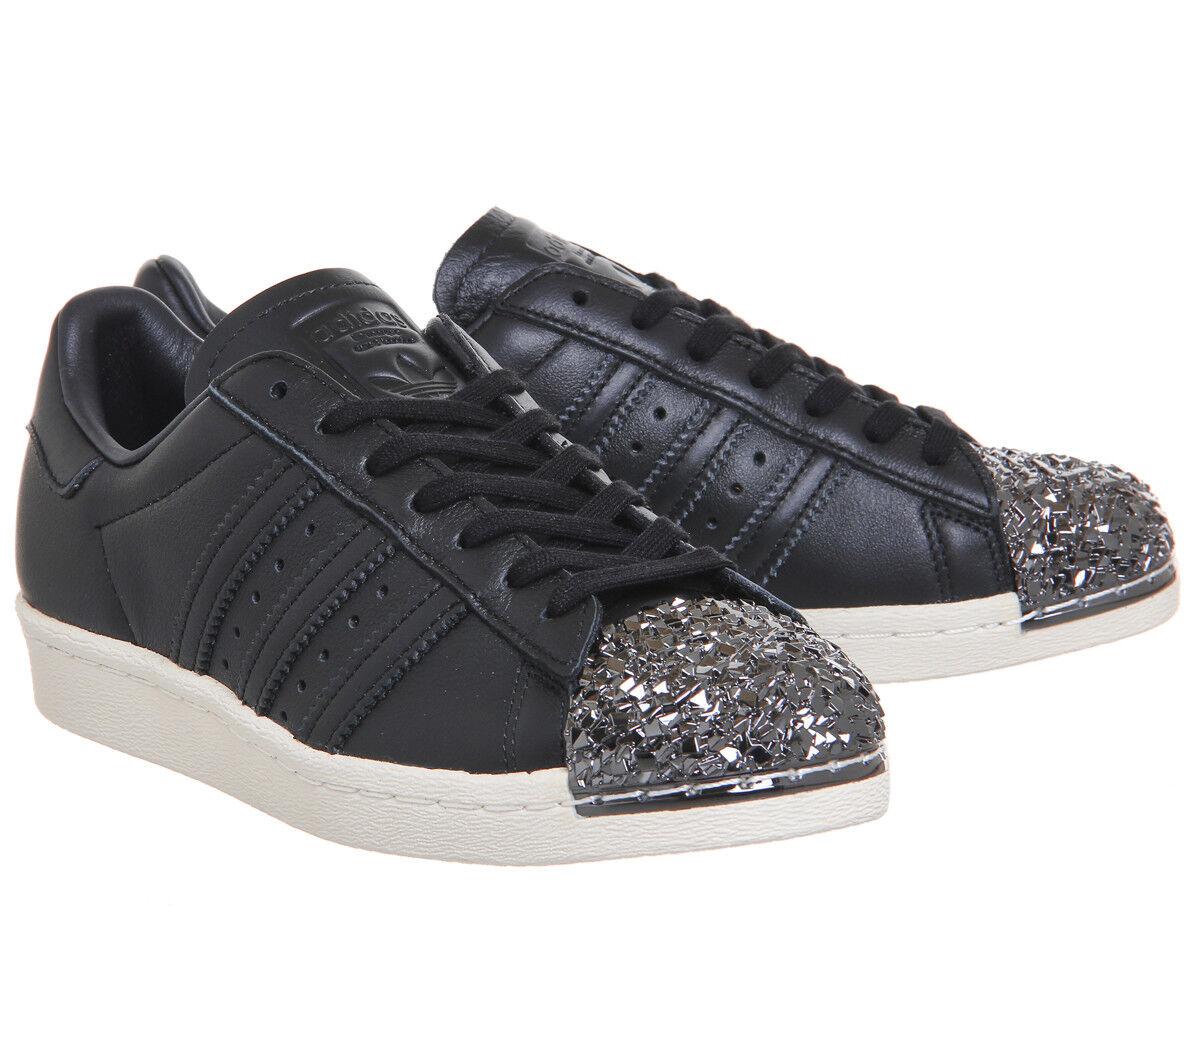 Adidas Originals Superstar Quilt homme BNIB Trainer(UK 10.5./EUR 45.5/US 11)Gren BNIB homme b331ff